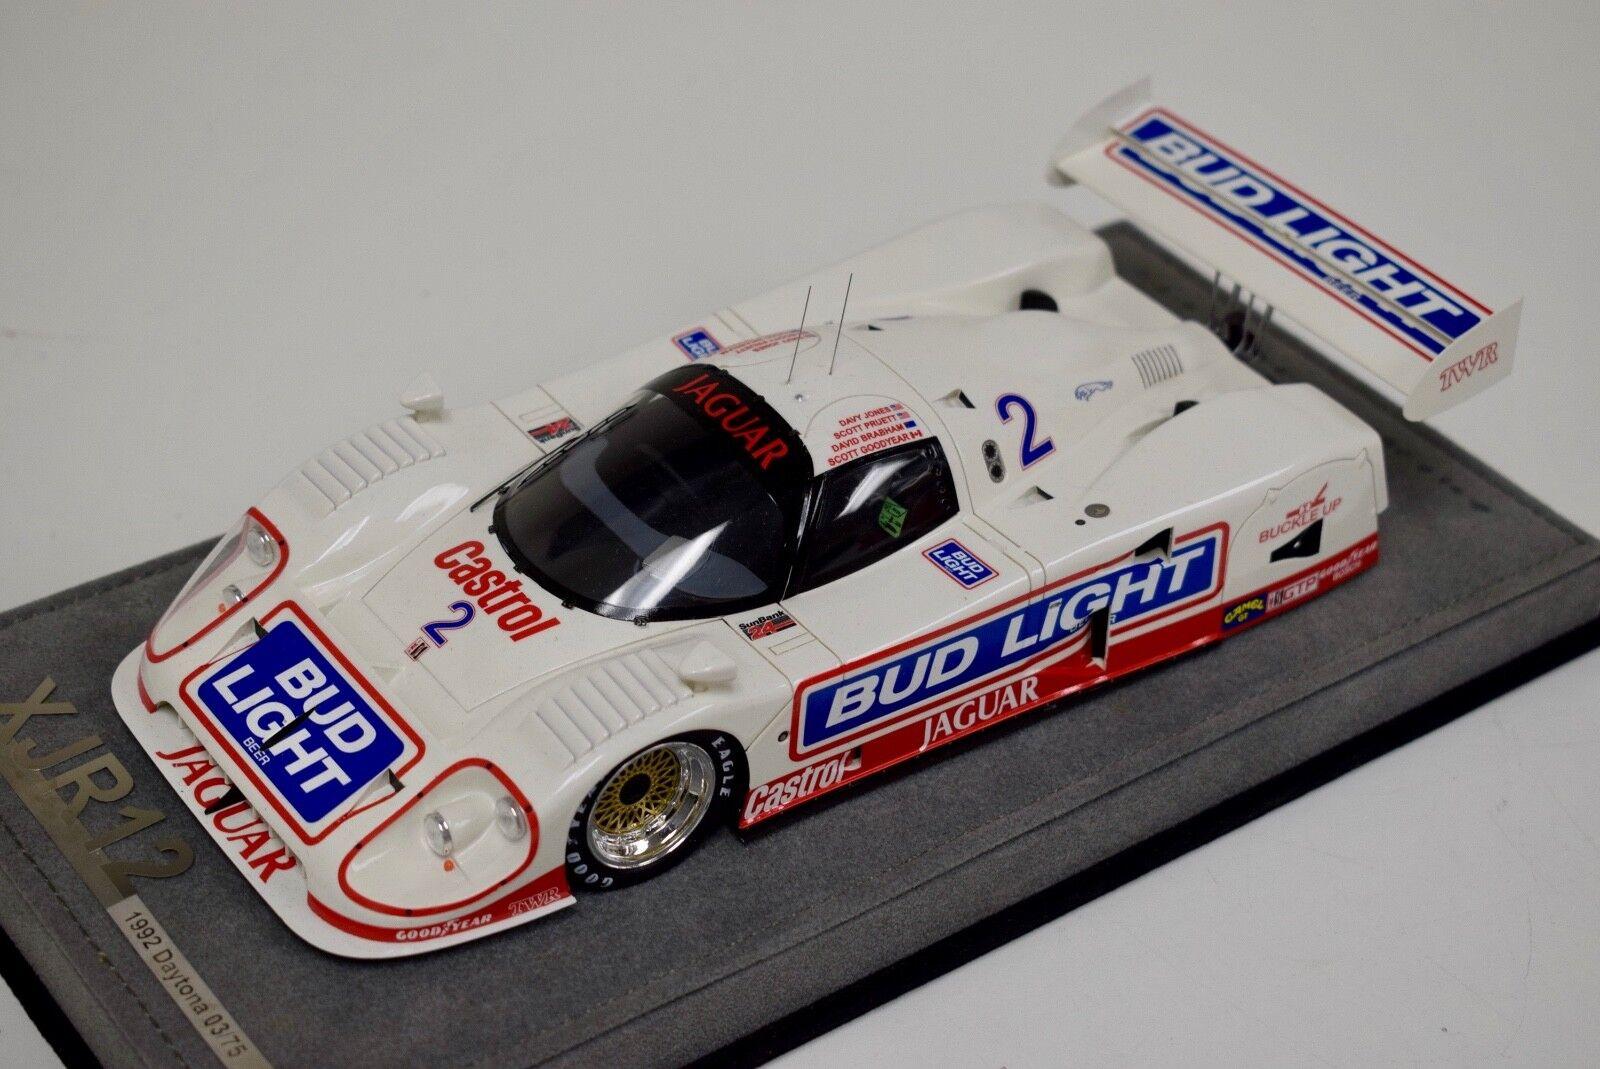 1 18 AB Modells Jaguar XJR12 1992 24 Hours of Daytona voiture  2 DX